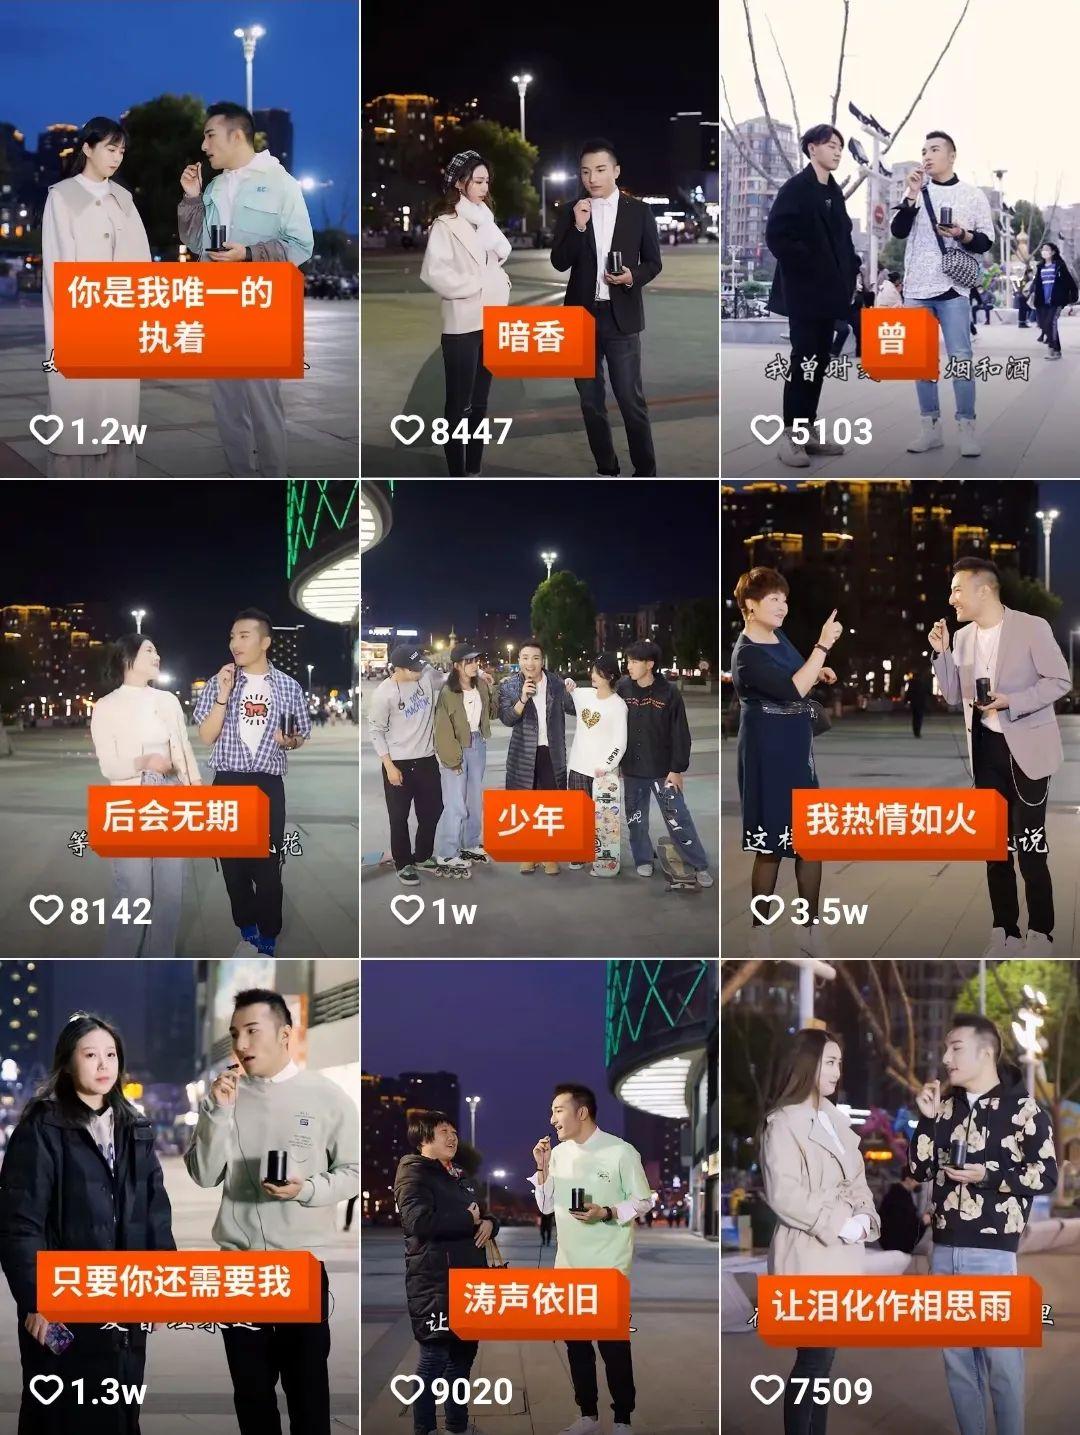 """单条视频播放超7000万,网红界""""大油田""""如何掀起快手流量浪潮?"""